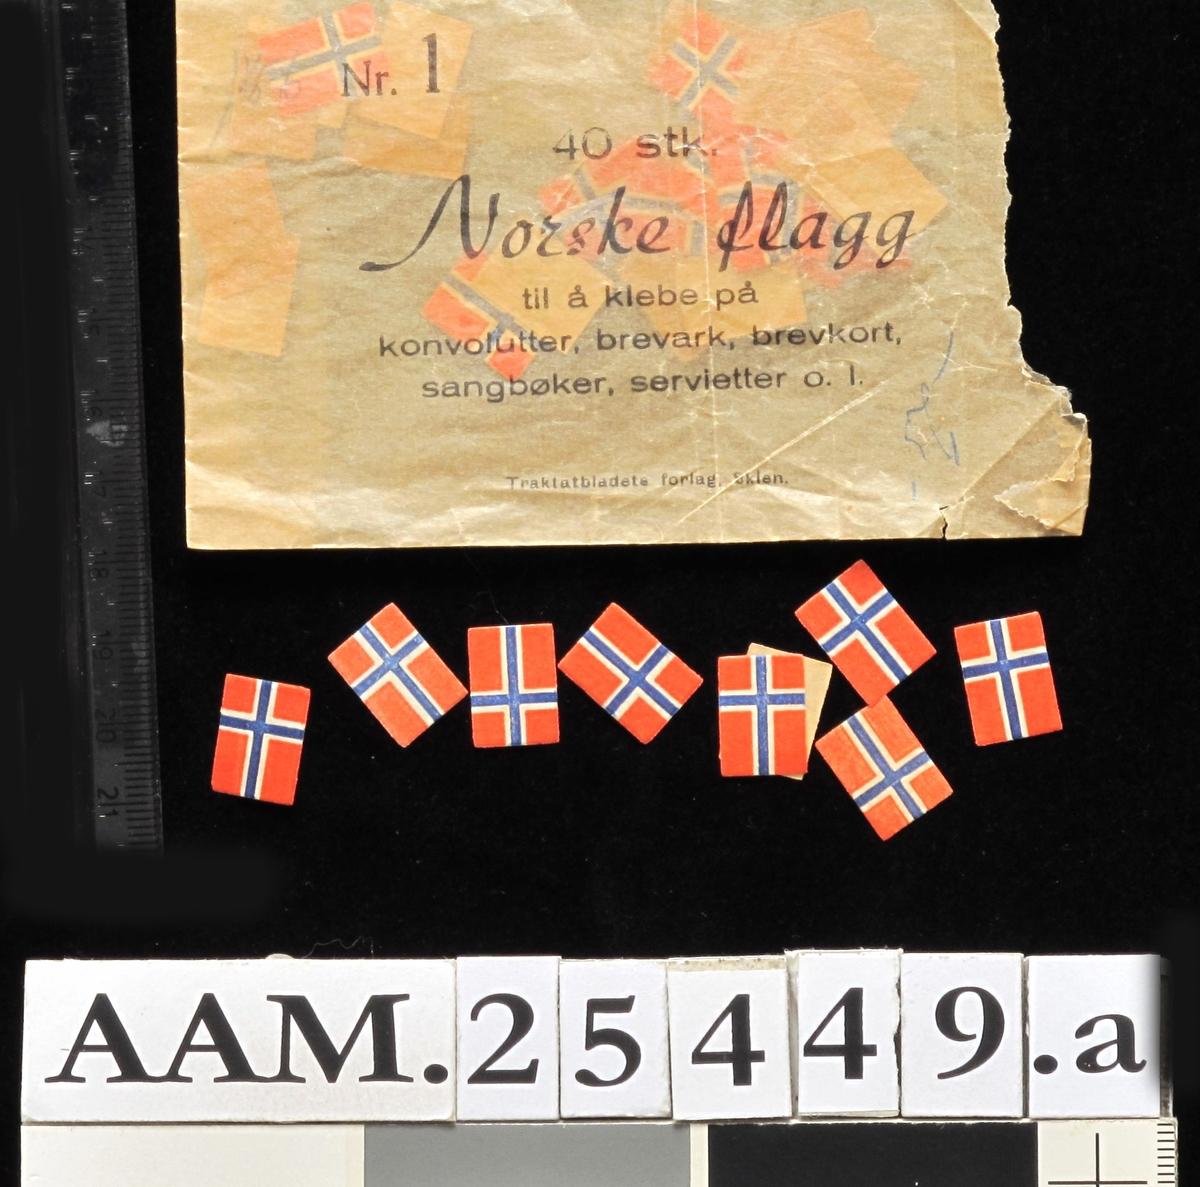 babfb8e1 teknisk fagskole bilfag Photo: Gjertsen, Karl Ragnar / Aust-Agder museum og  arkiv – KUBEN